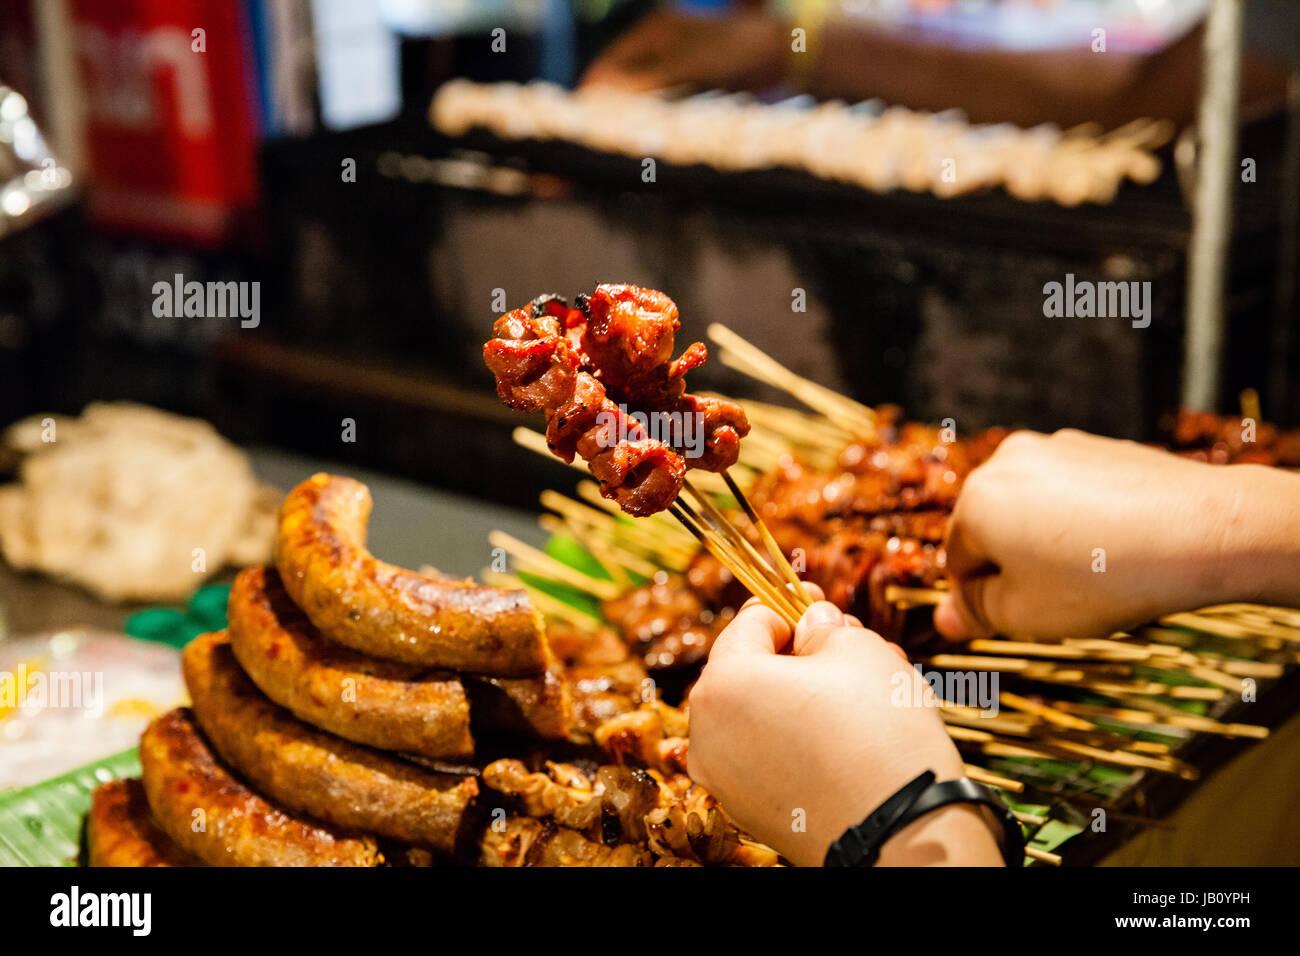 CHIANG MAI, THAÏLANDE - 27 août: l'homme achète le porc grillé en brochettes au le Photo Stock